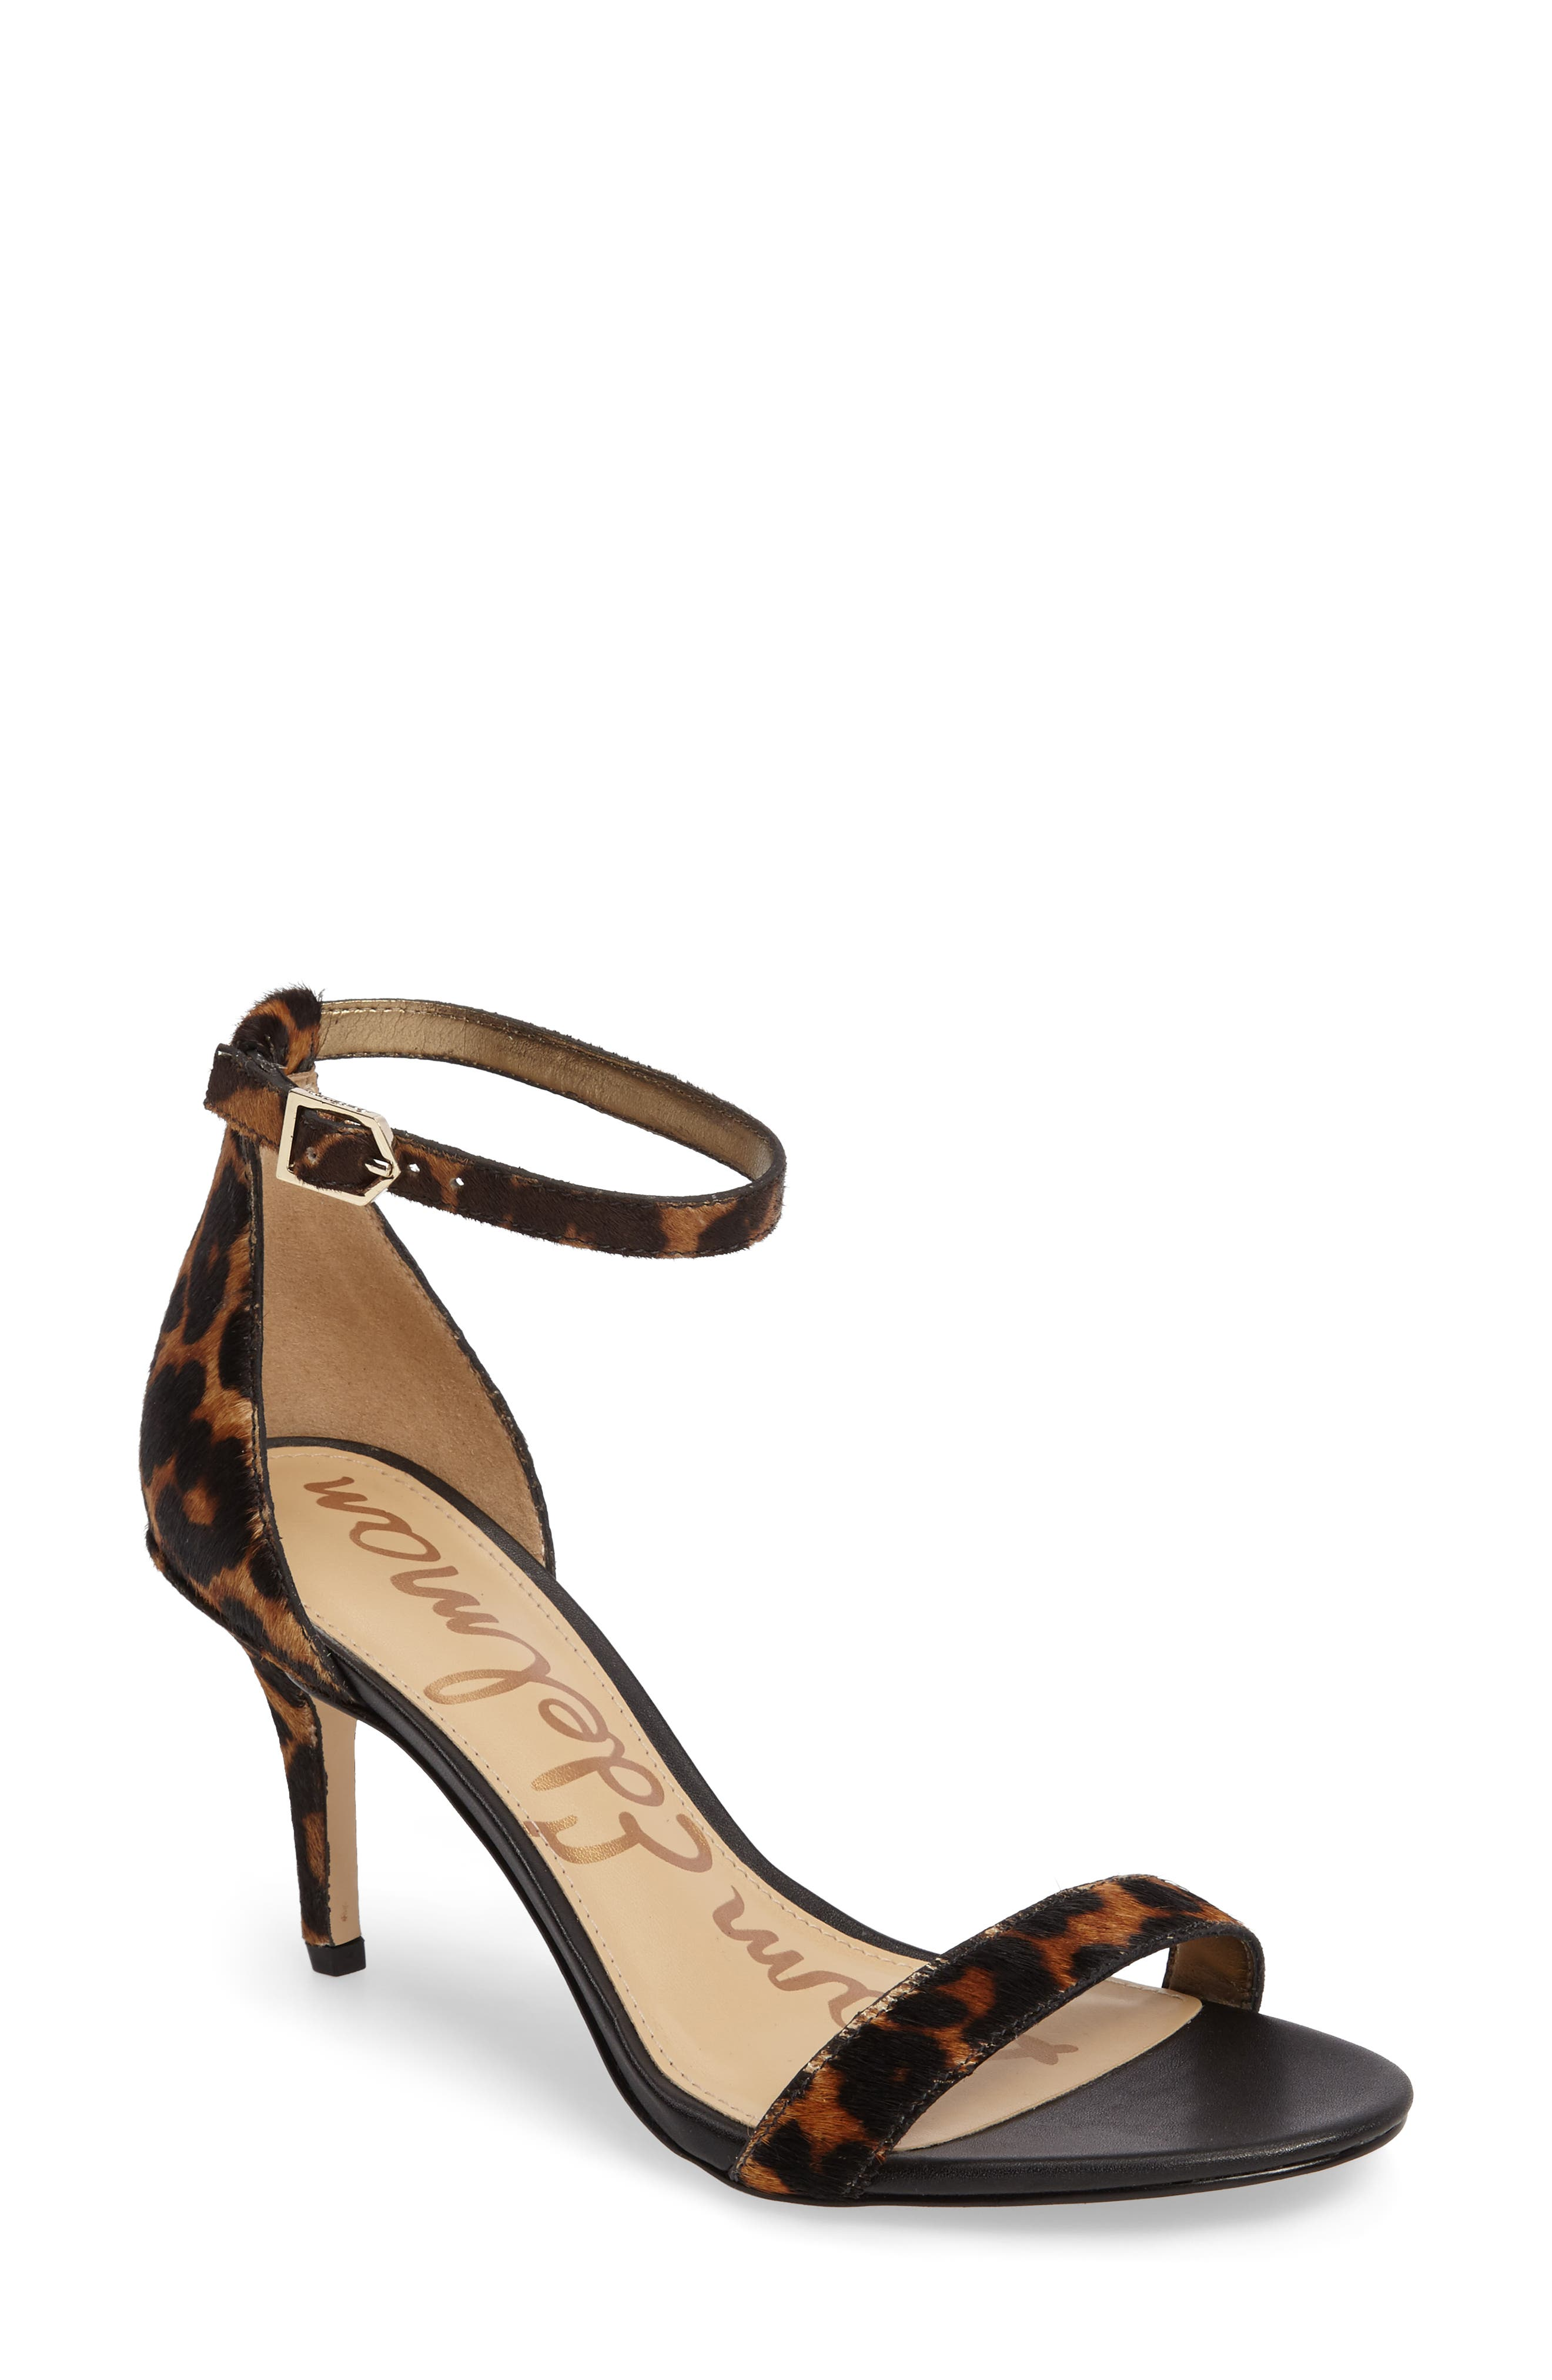 Sam Edelman | Patti Ankle Strap Sandal